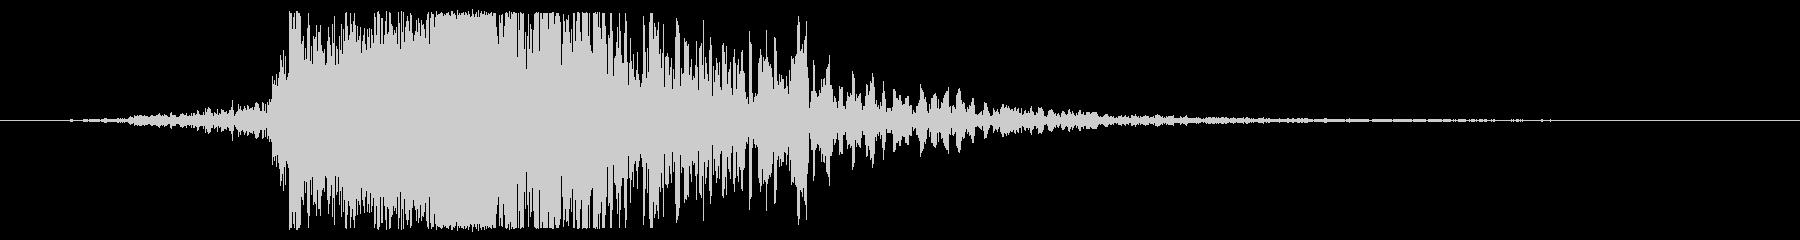 クランチ・ブライト・メタルクローズ...の未再生の波形